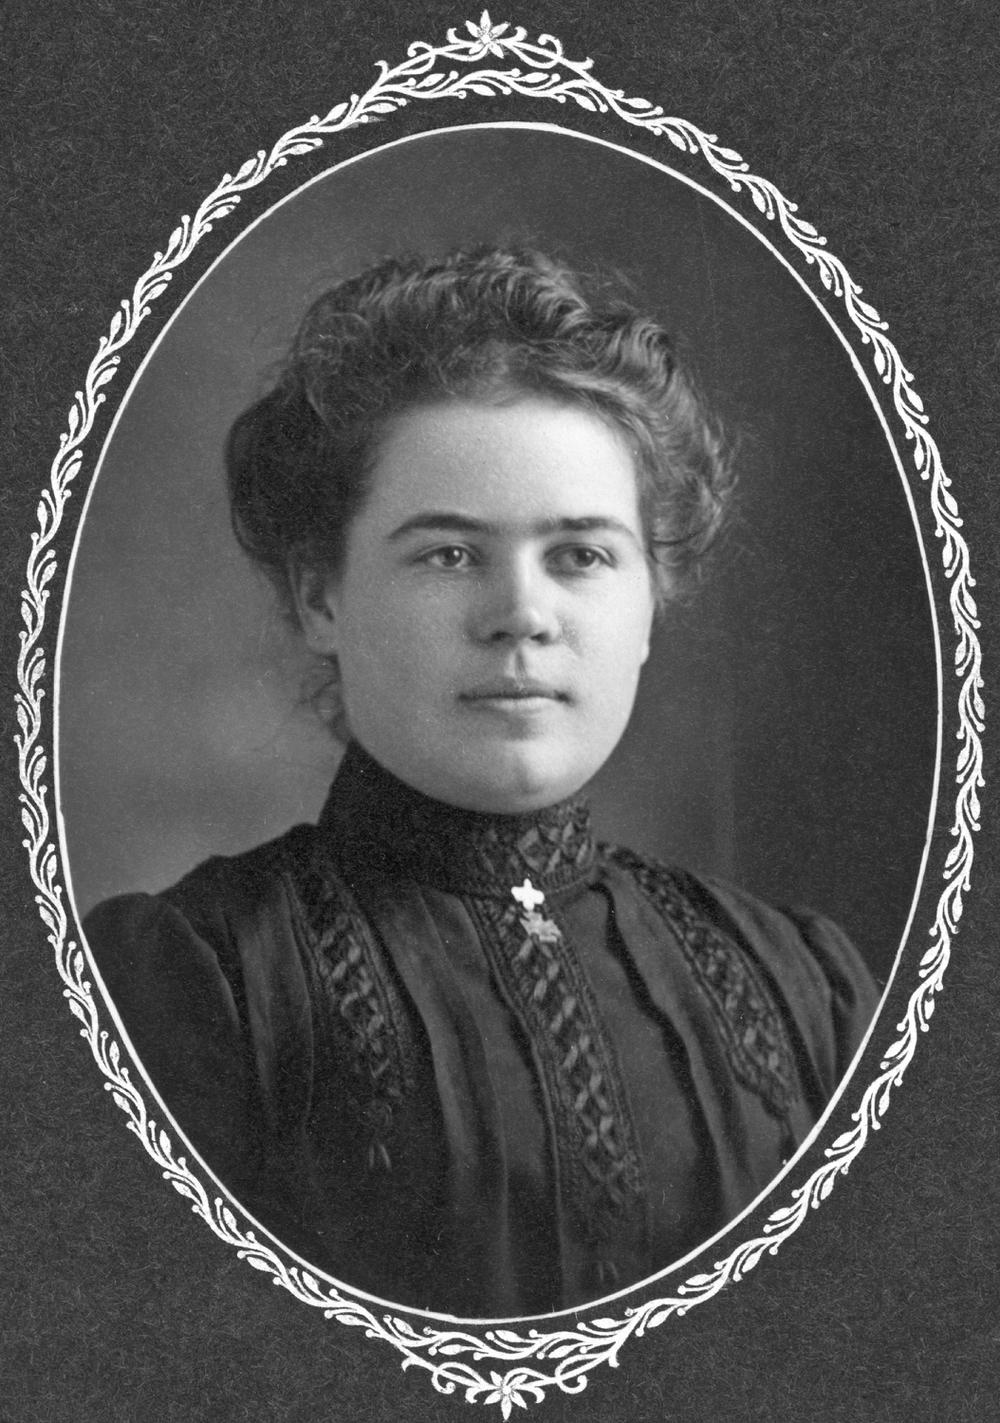 Corina Amador, c. 1905-1910.